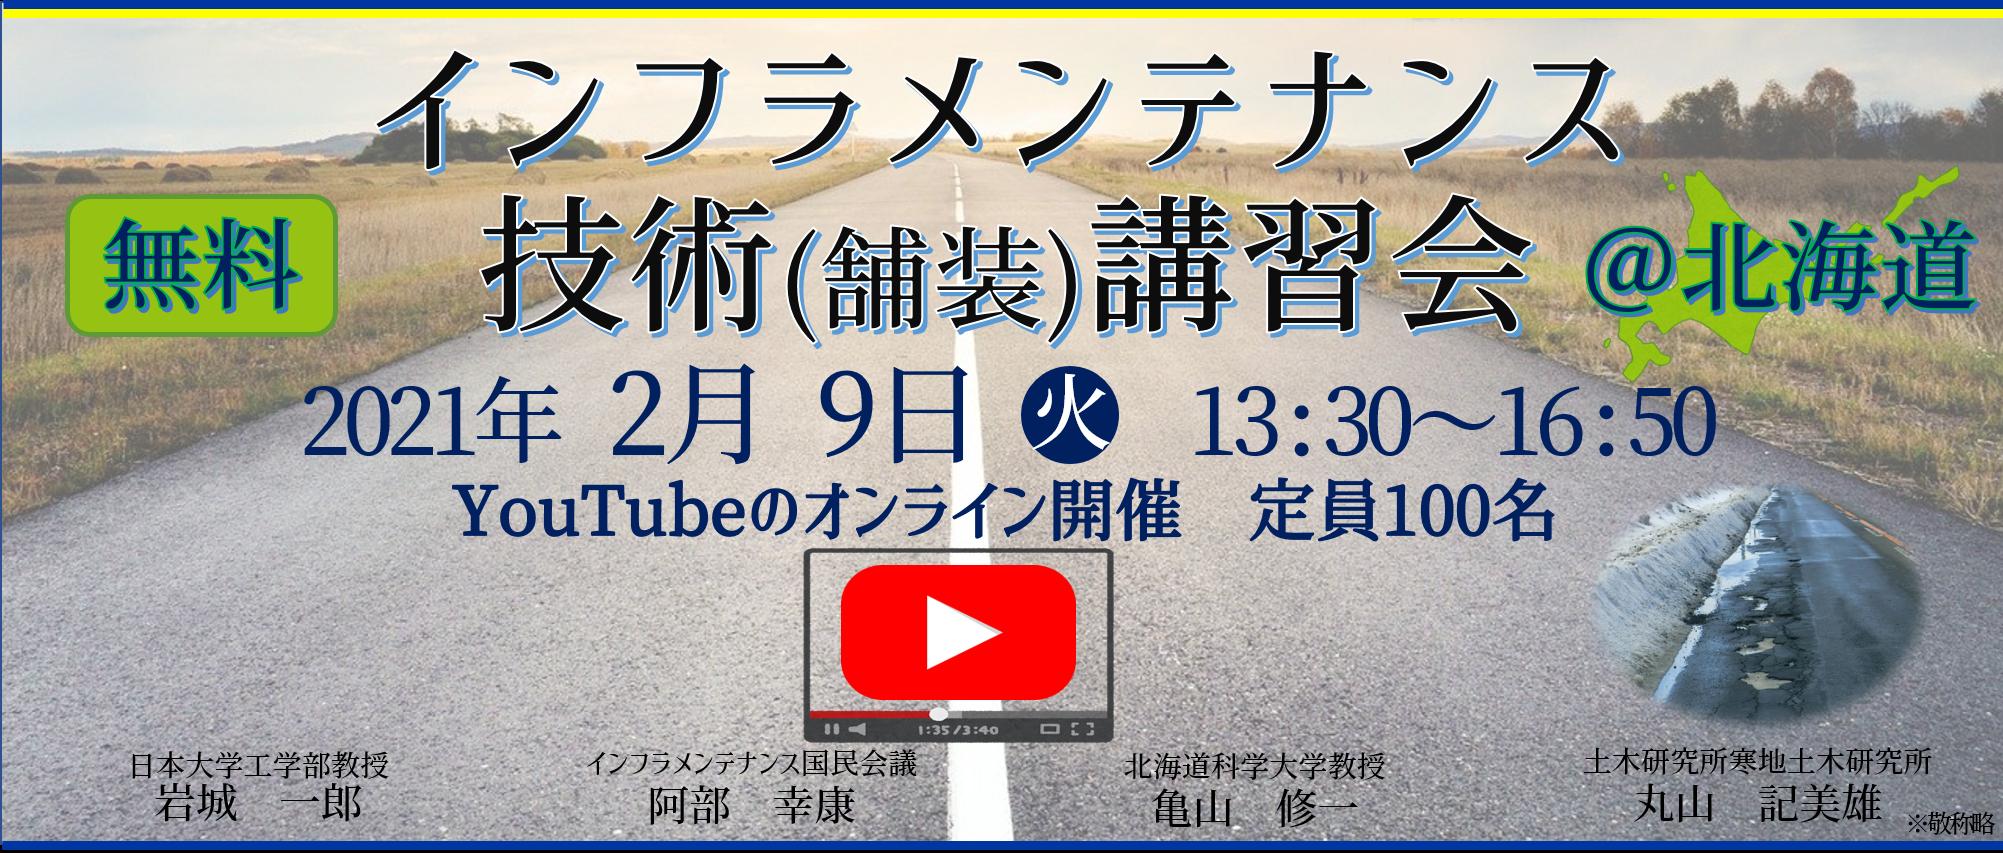 インフラメンテナンス技術(舗装)講習会@北海道